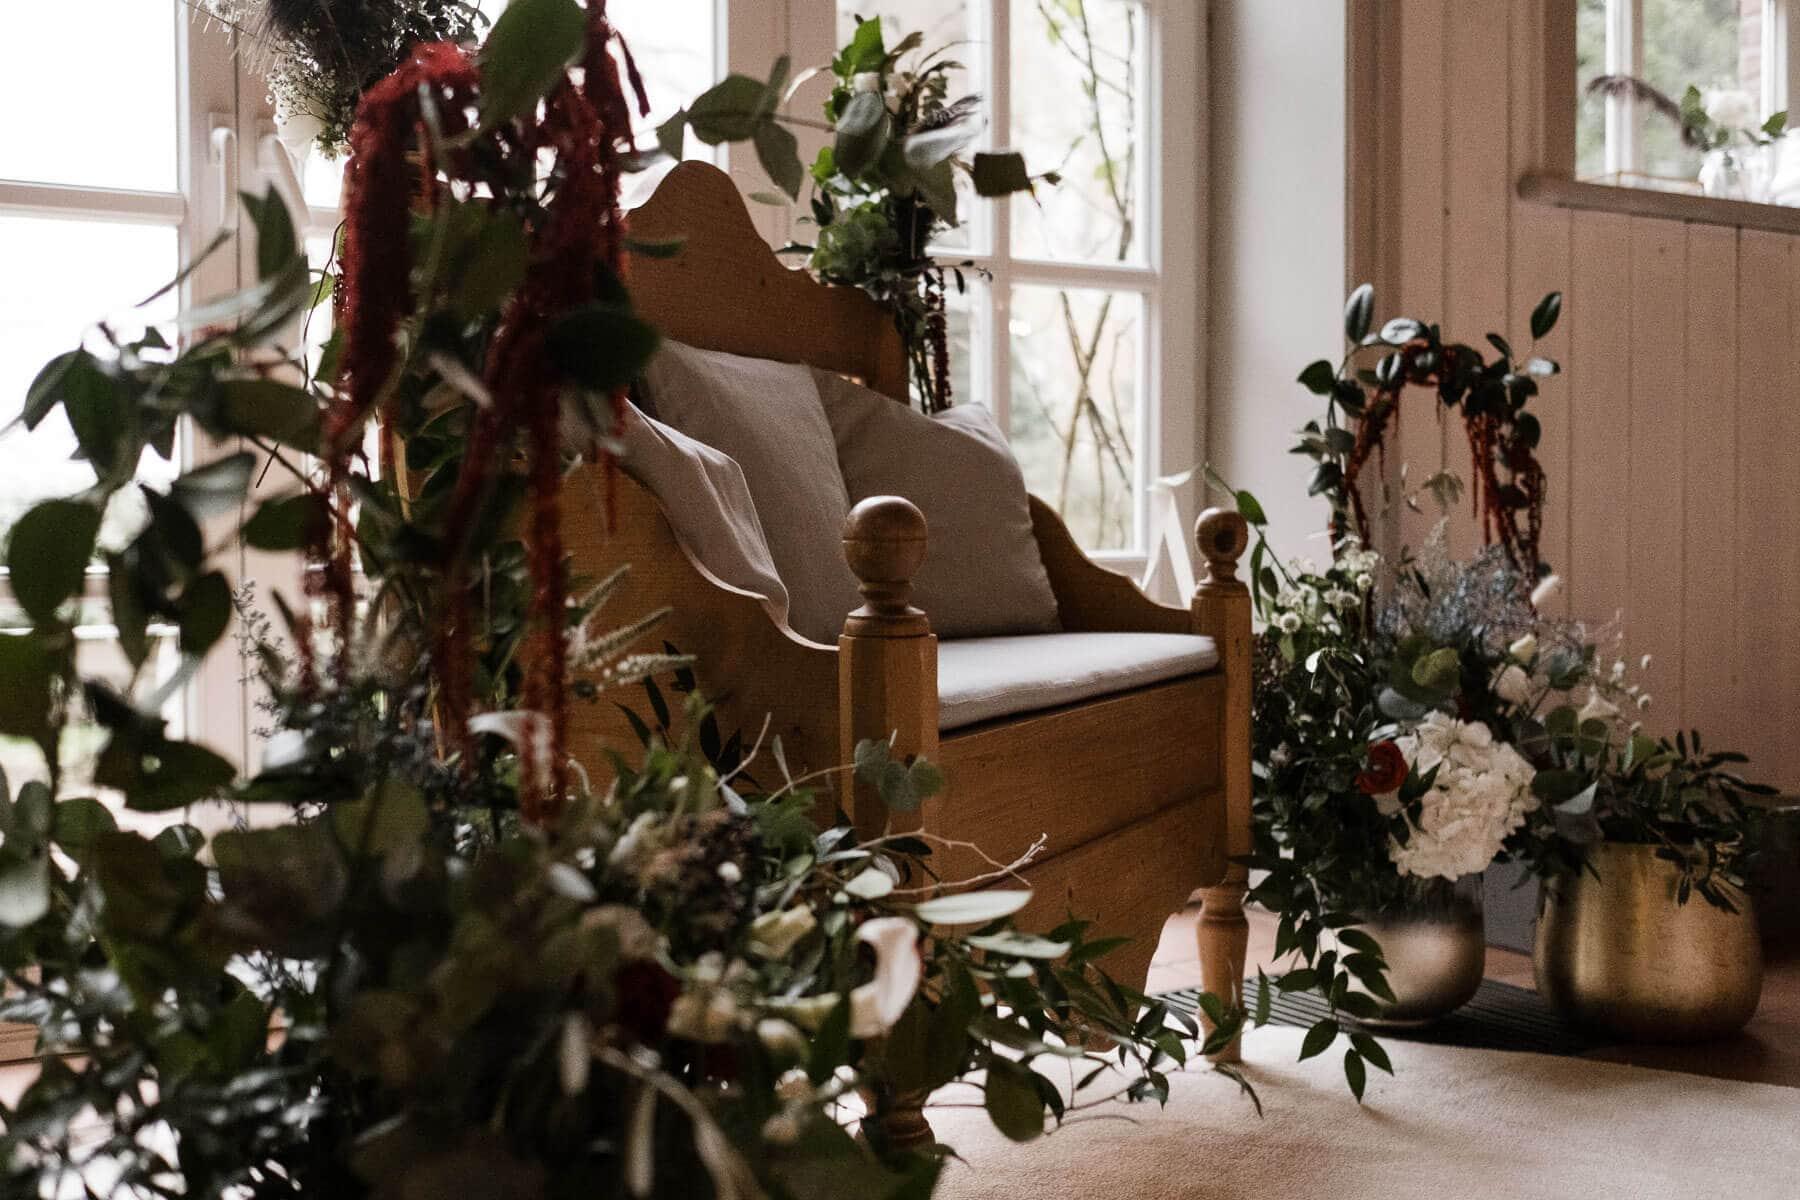 vor einer großen, hellen Holzbogentür in einem Landhaus steht eine gepolsterte Holzbank, sie ist mit Blumen und Grünschnitt geschmückt